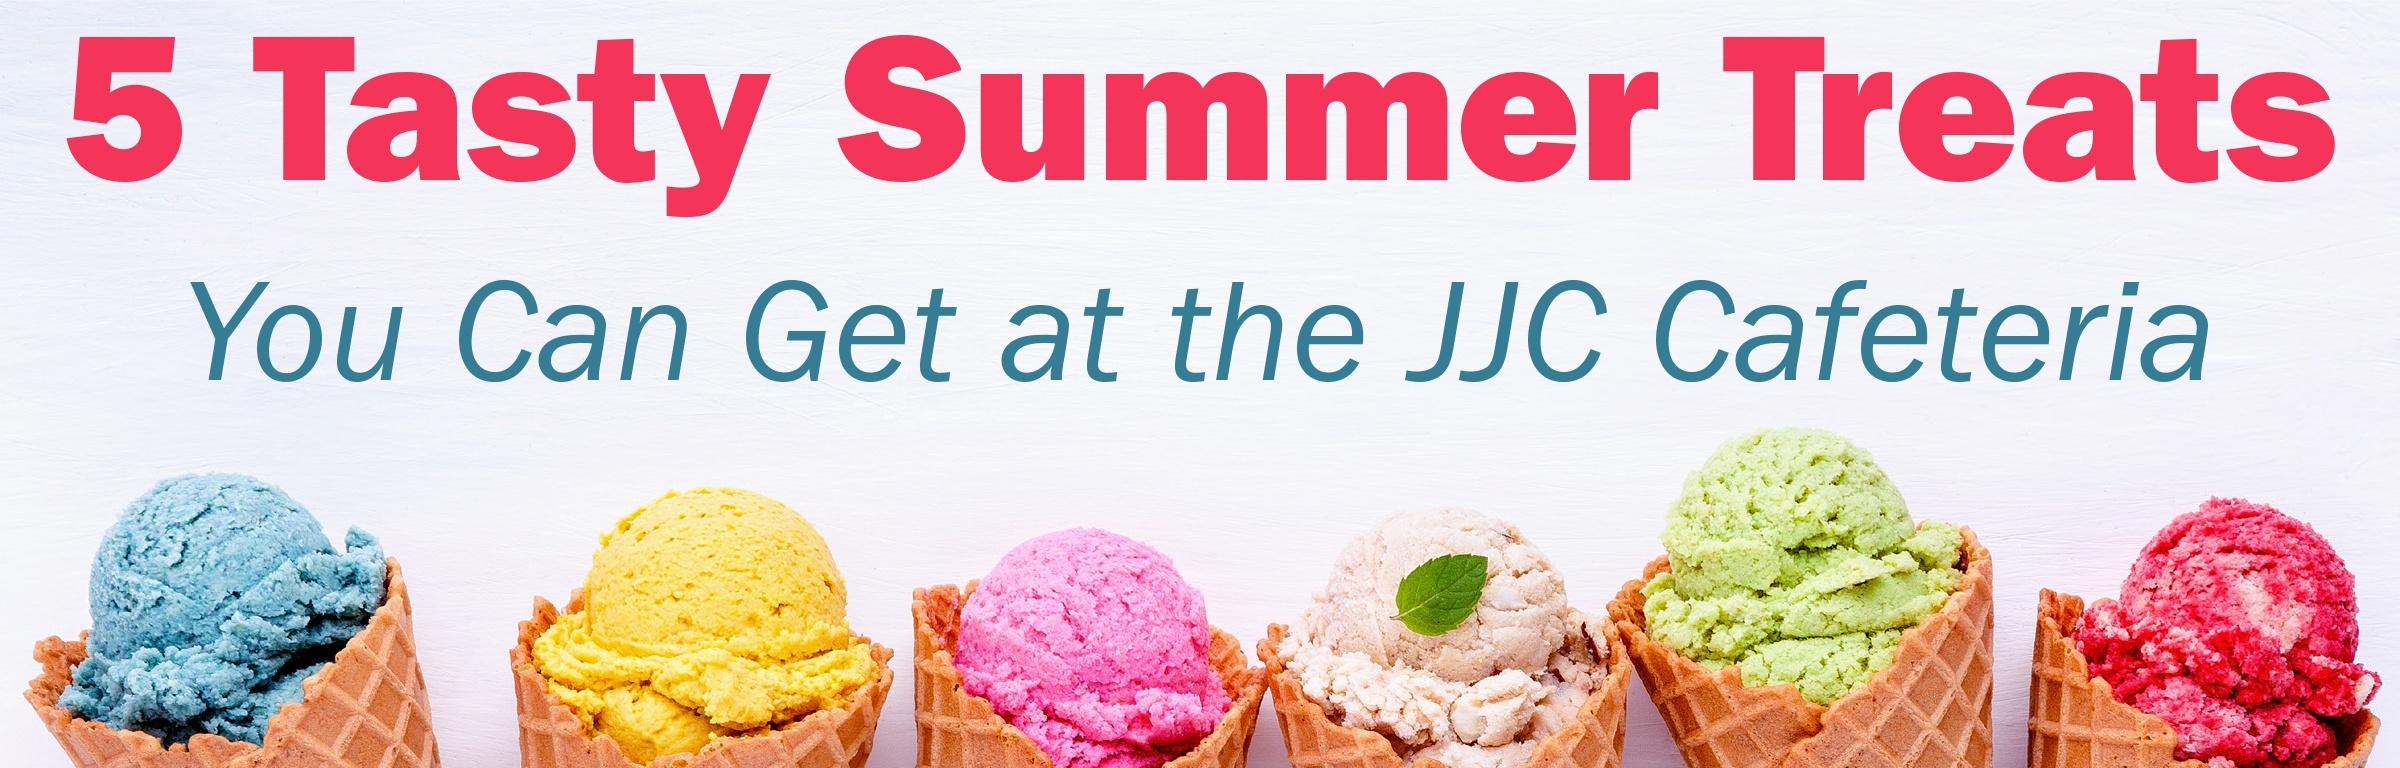 tasty summer treats